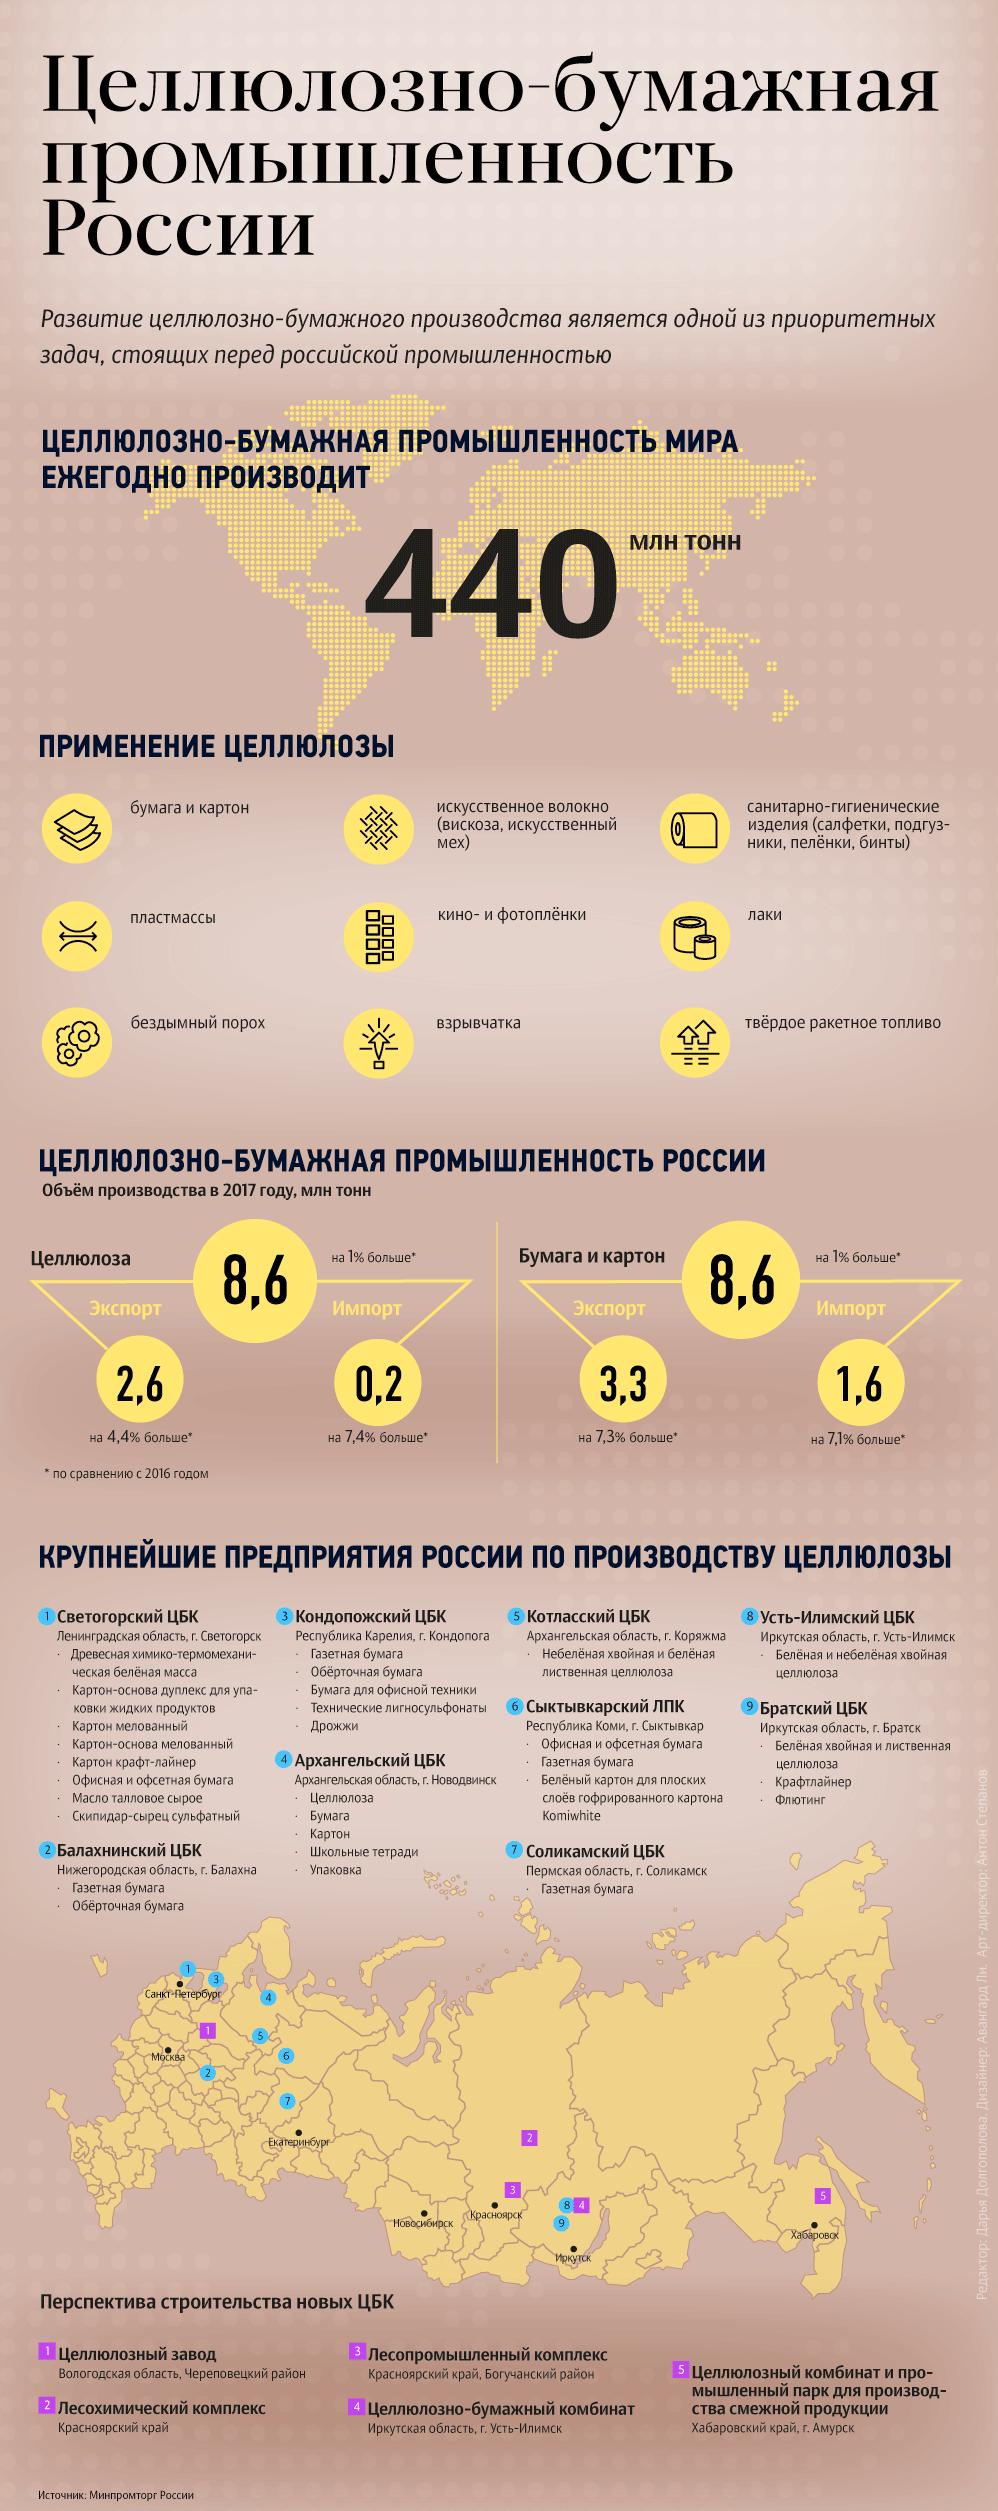 Целлюлозно-бумажная промышленность в России